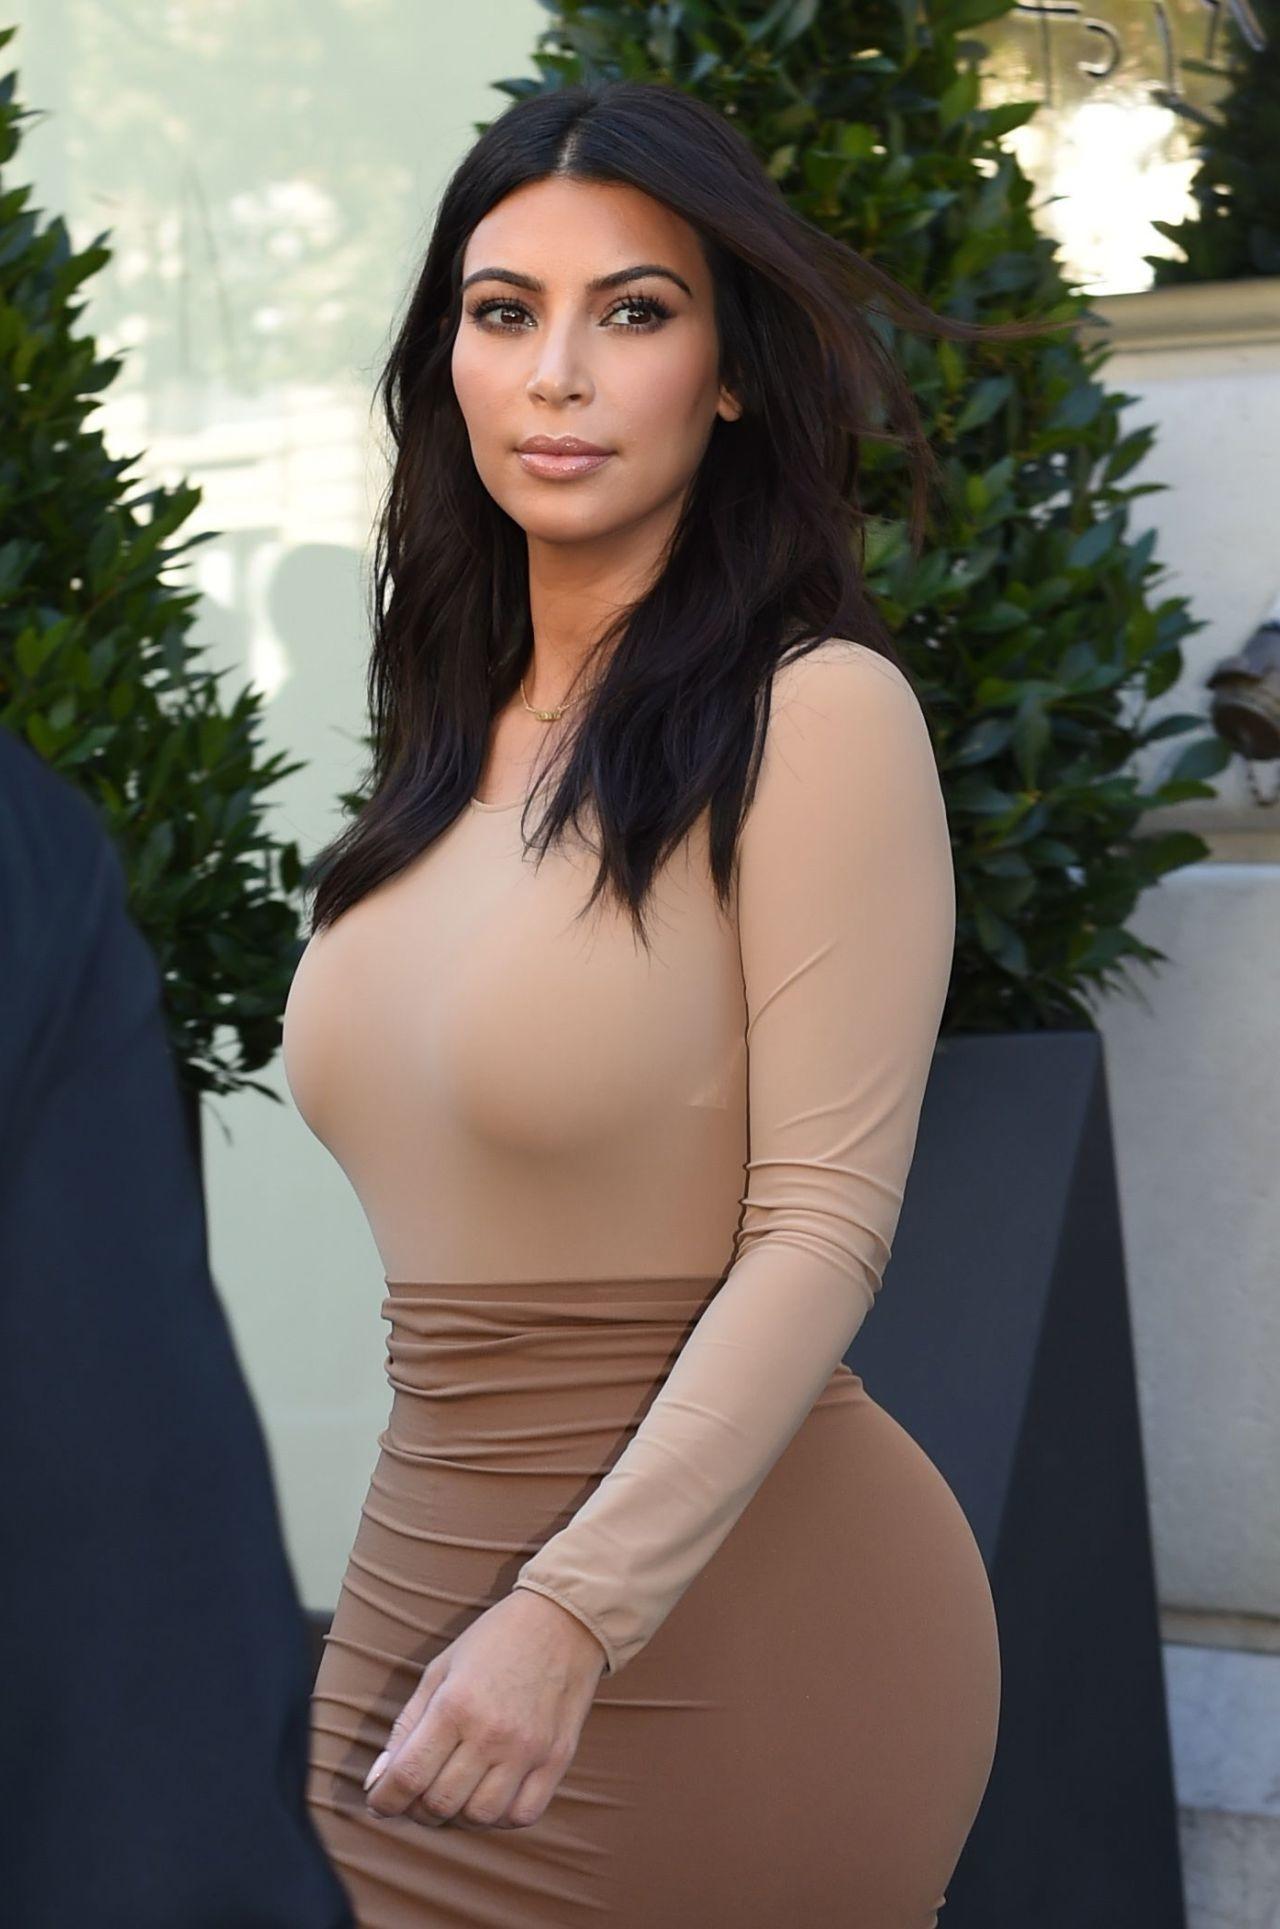 Kim Kardashian Wallpaper 2018 72 Pictures